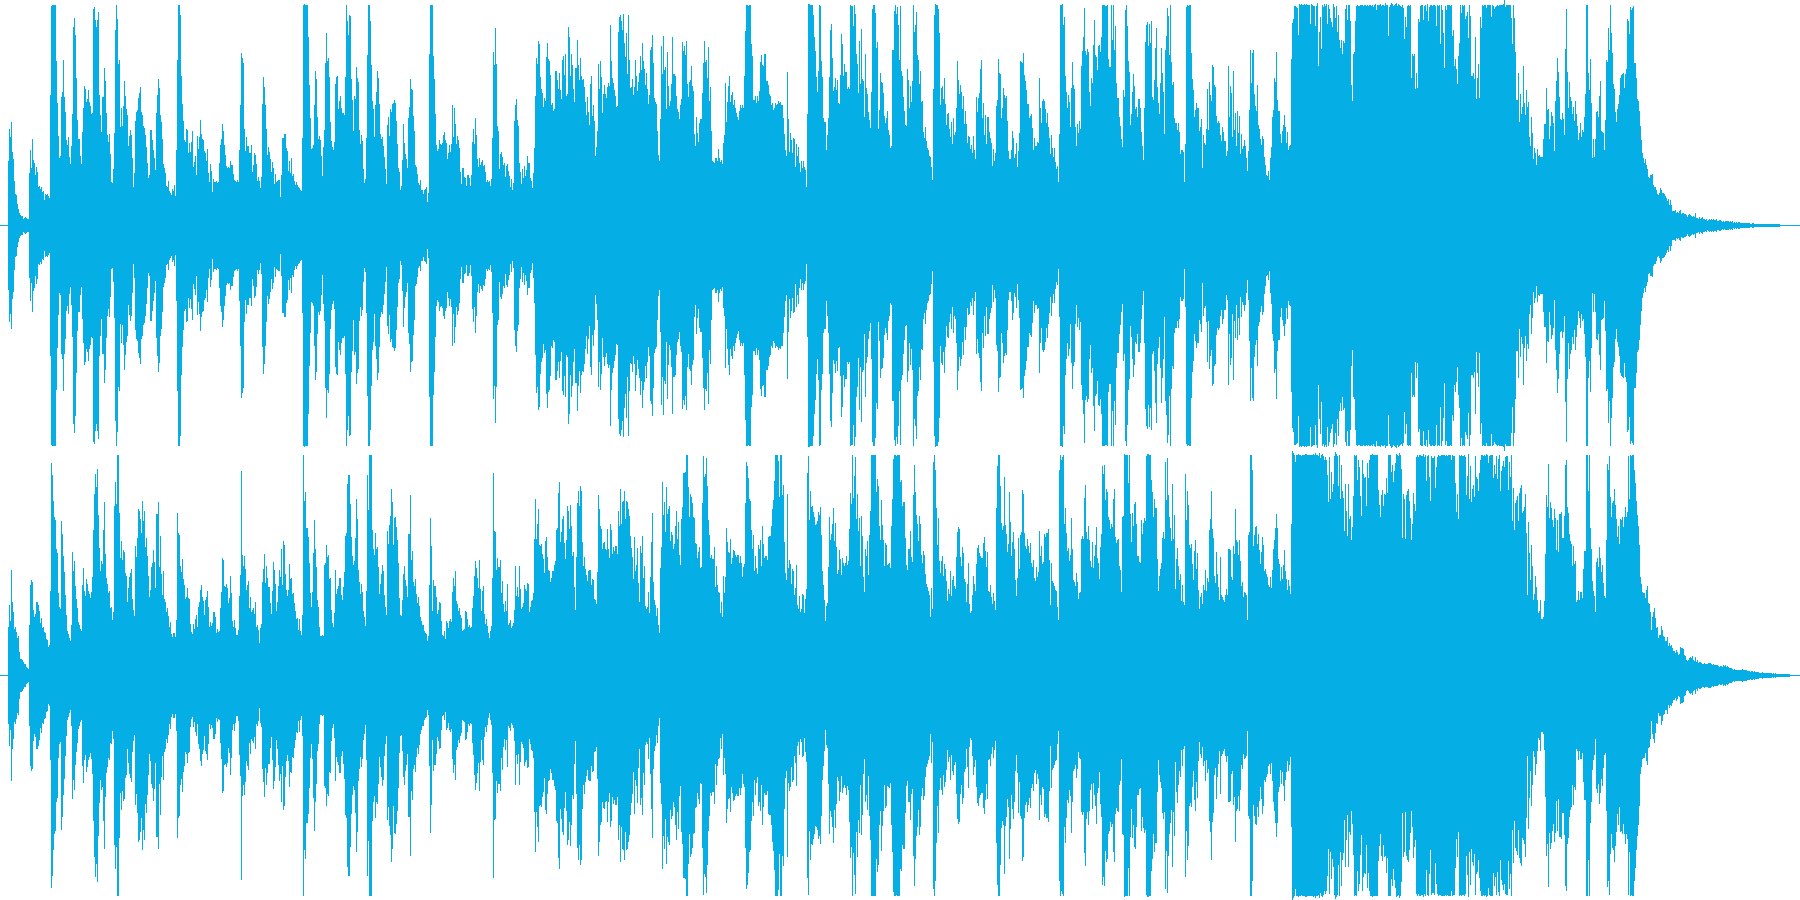 不思議で少し奇妙なファンタジック曲の再生済みの波形